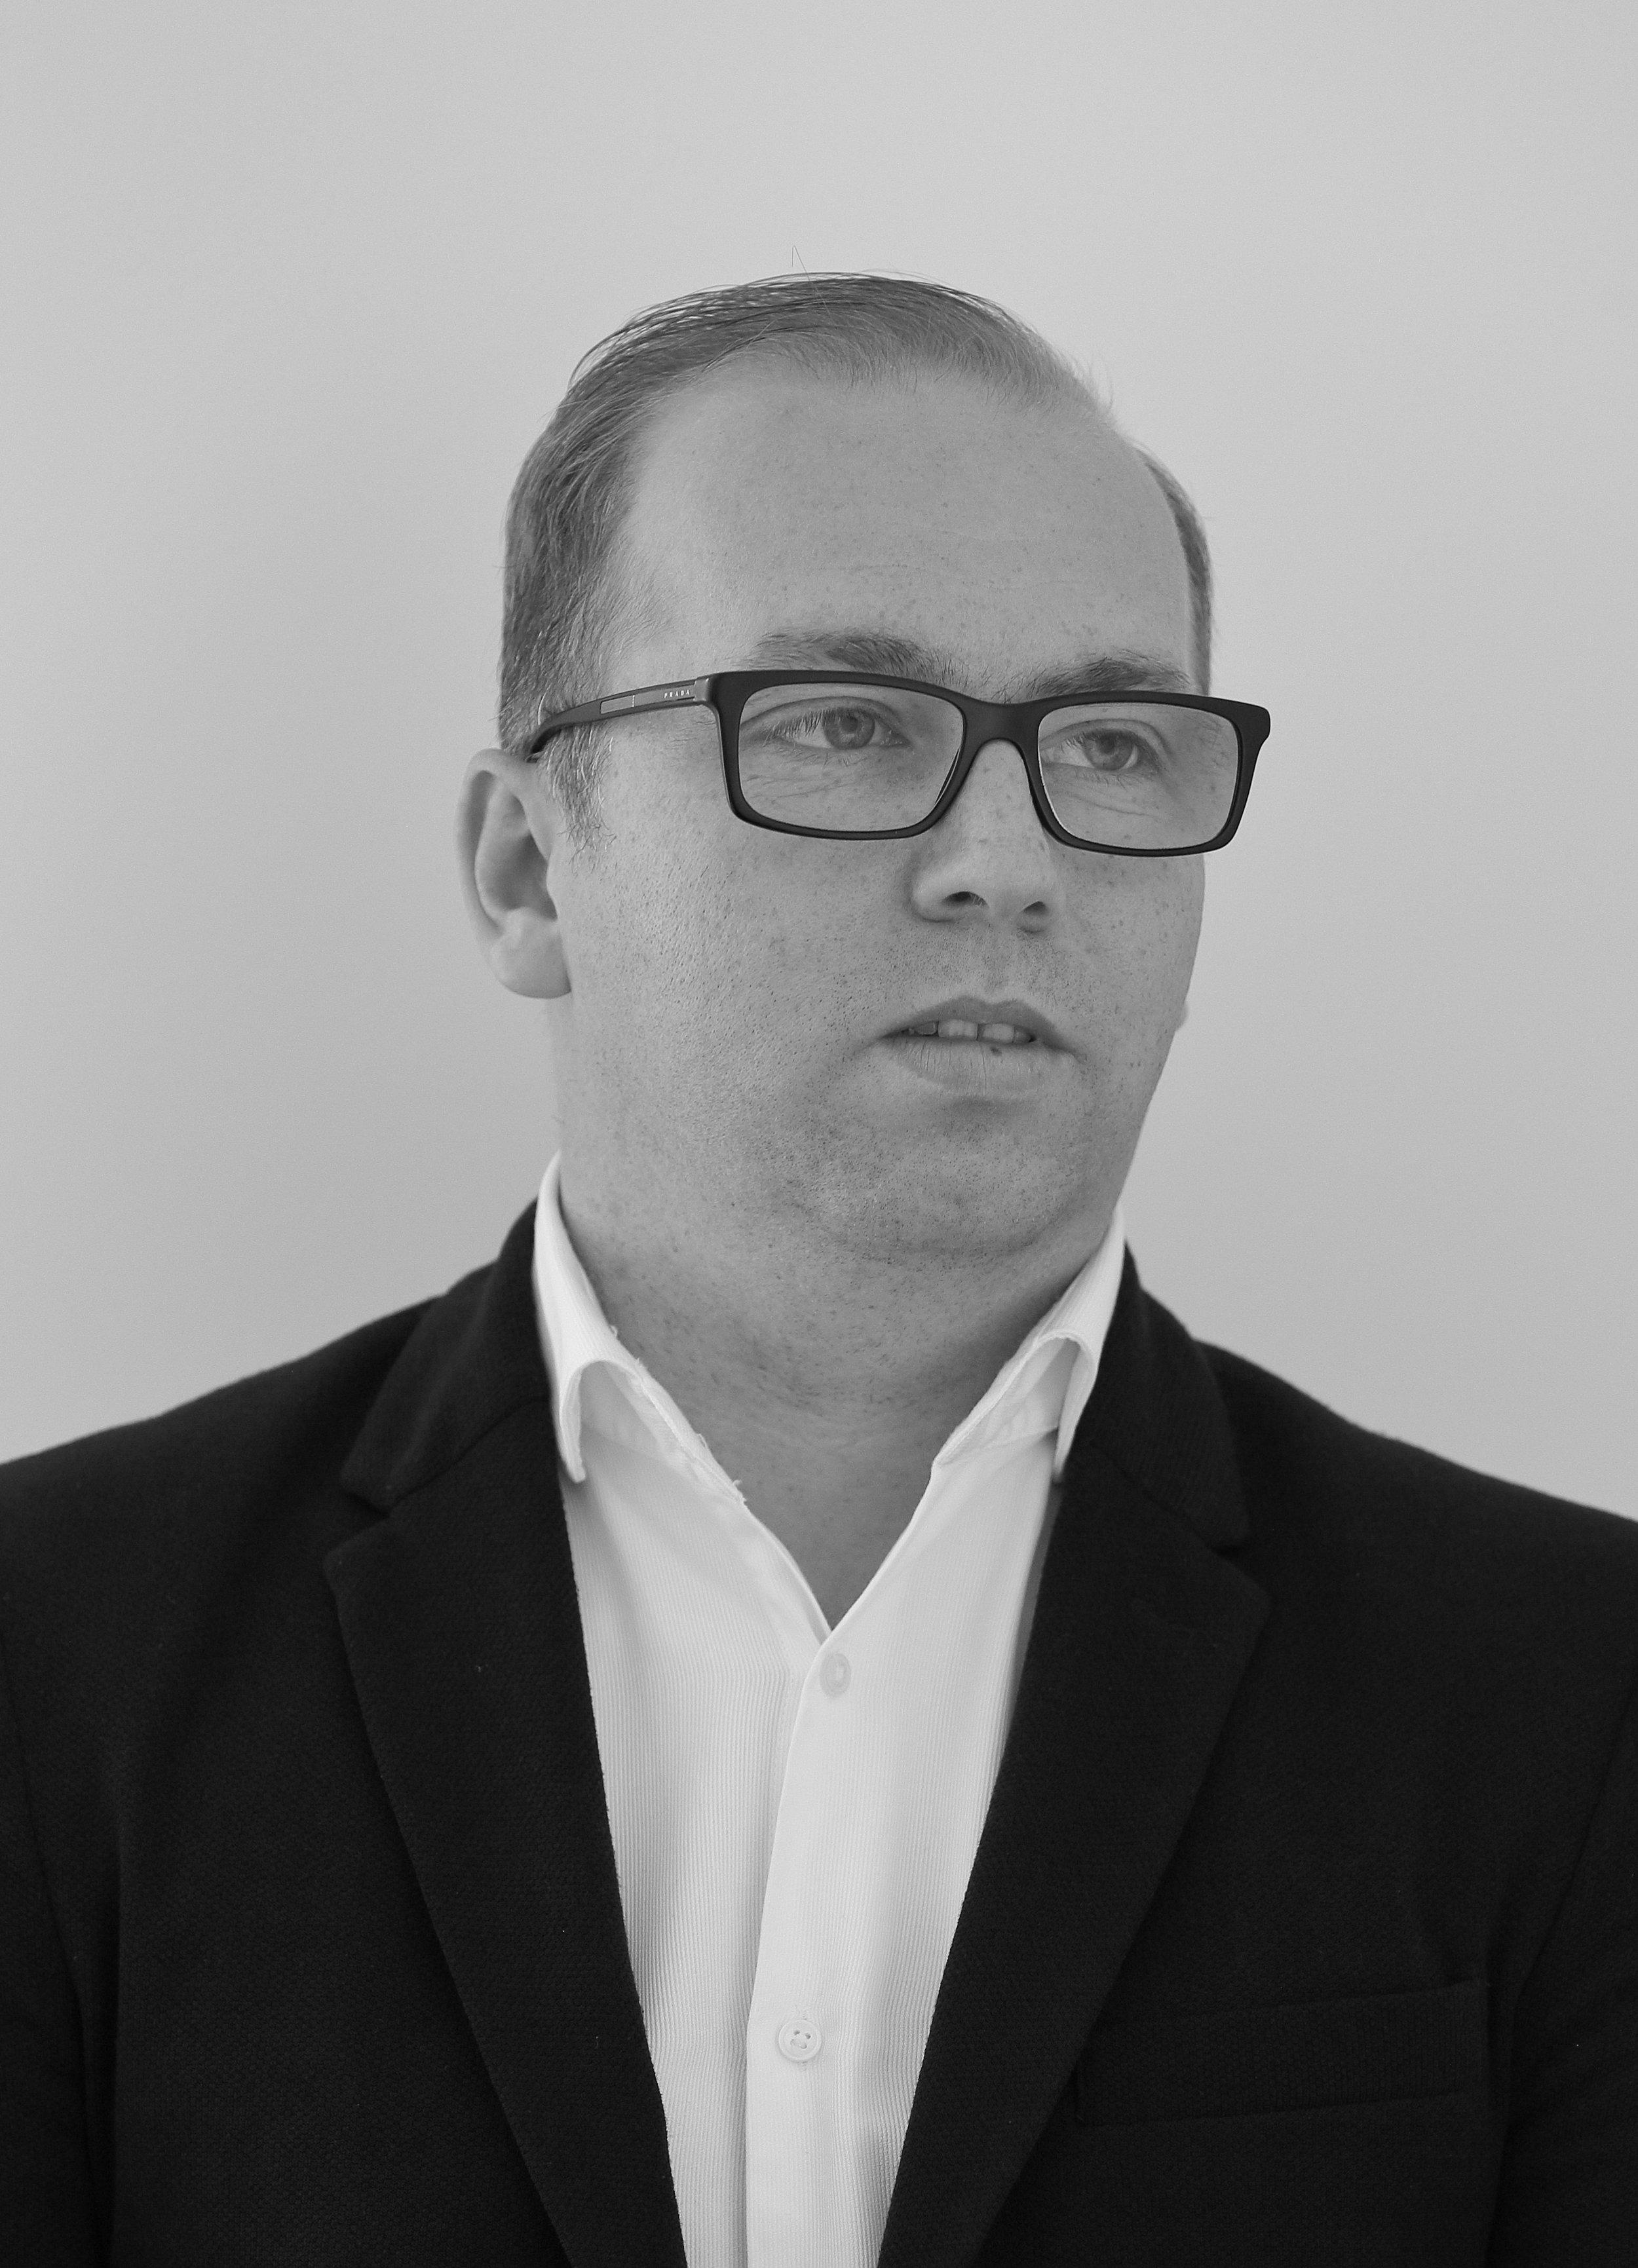 MR. ROBERT KATZOR, MARKET DEVELOPMENT MANAGER, EKO-ZEC